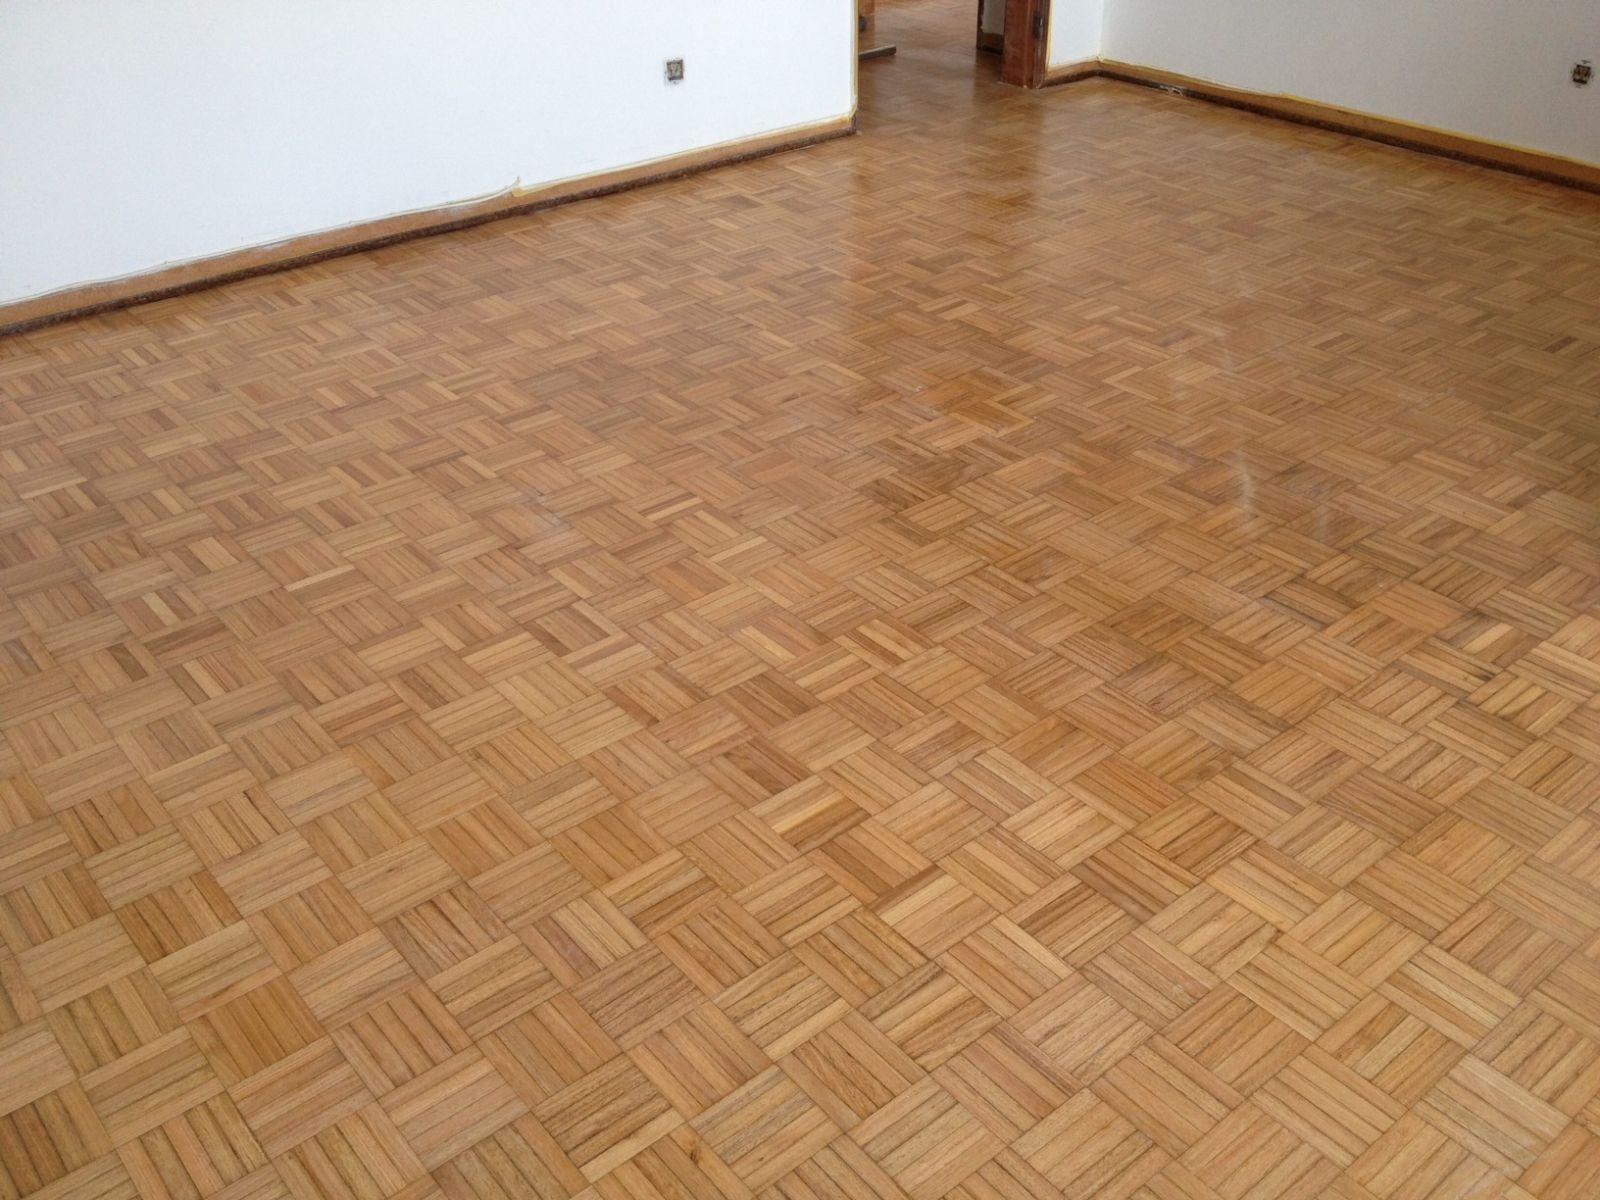 Eucalipto tarimas de madera maderas casais - Precio tarima madera ...